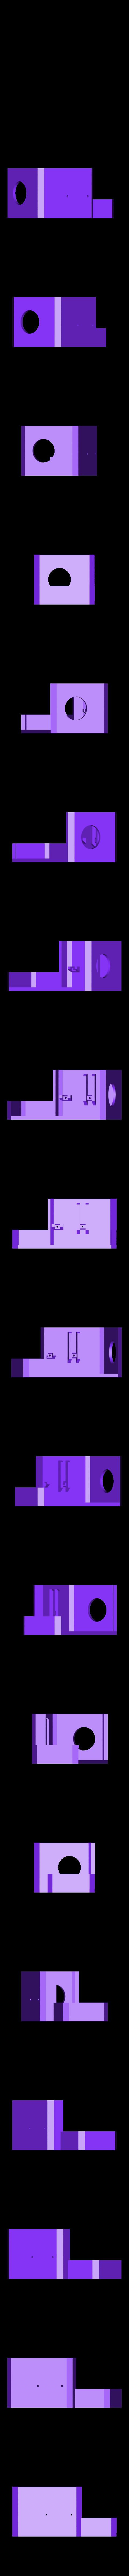 capot_lettrage_E3D.STL Download free STL file Direct Drive- E3DV6- Bondtech (right)-Bltouch • 3D printer template, kim_razor